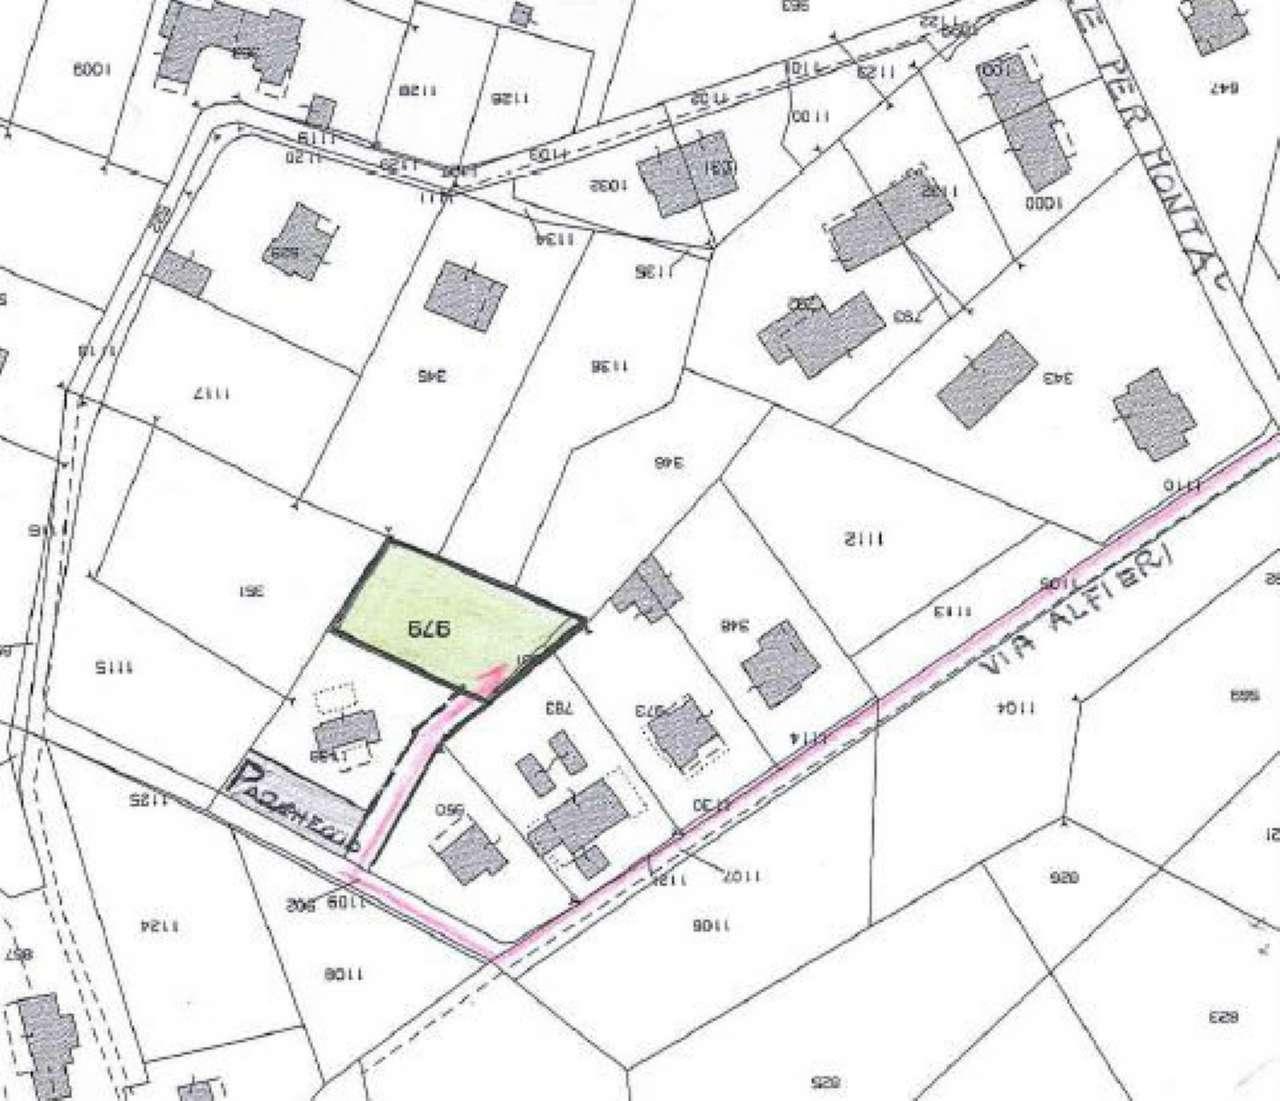 Terreno Edificabile Residenziale in vendita a Cellarengo, 9999 locali, prezzo € 22.000 | CambioCasa.it